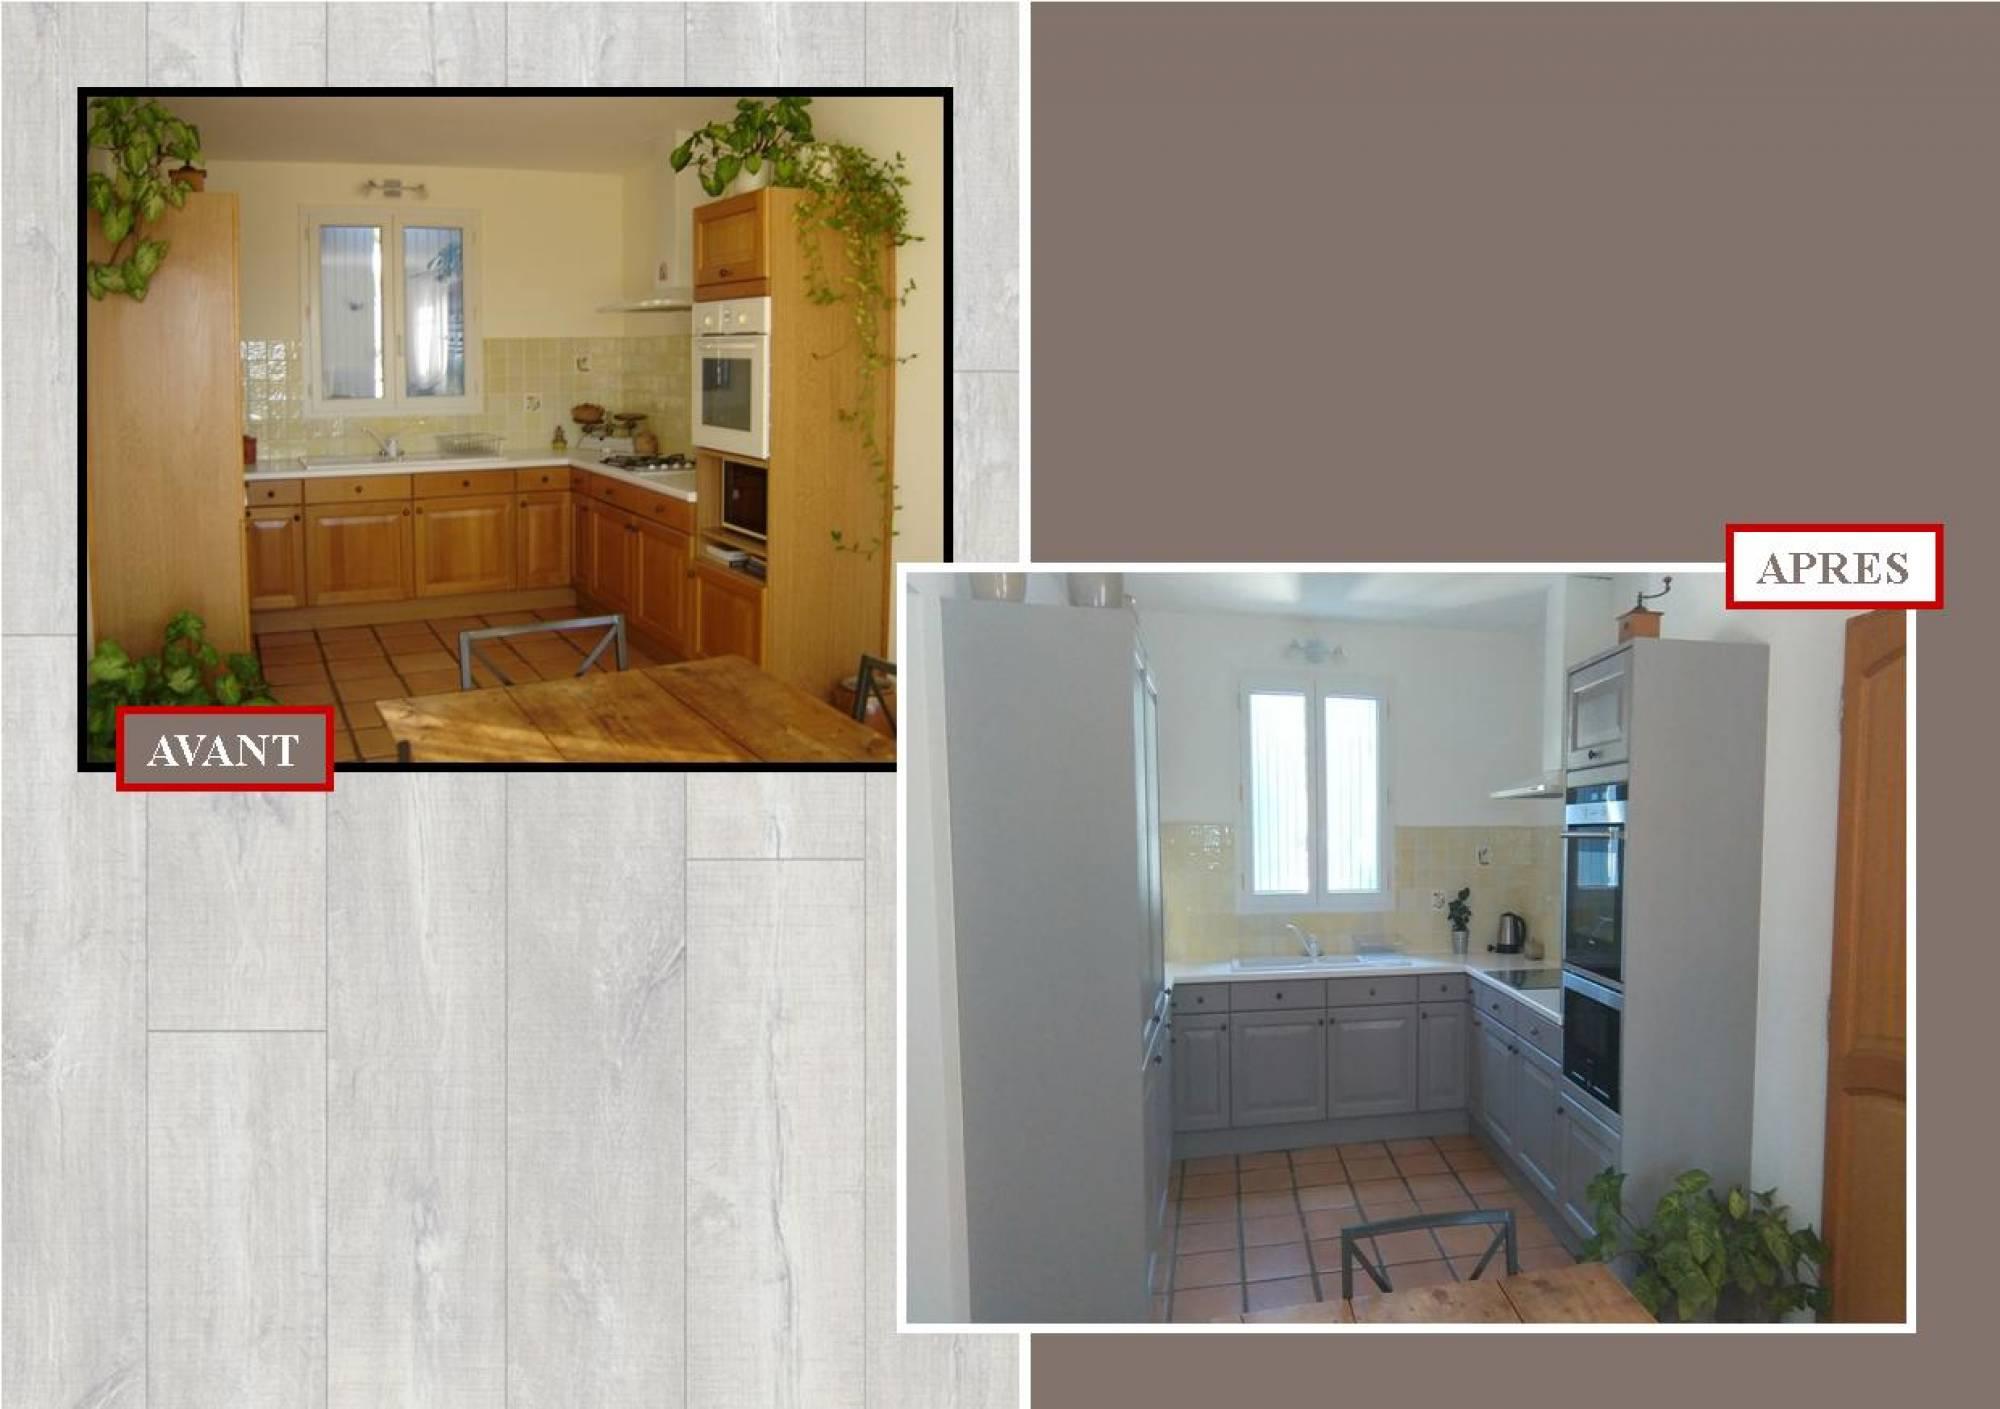 Relooking de votre cuisine en bois à Salon de provence 13 ...